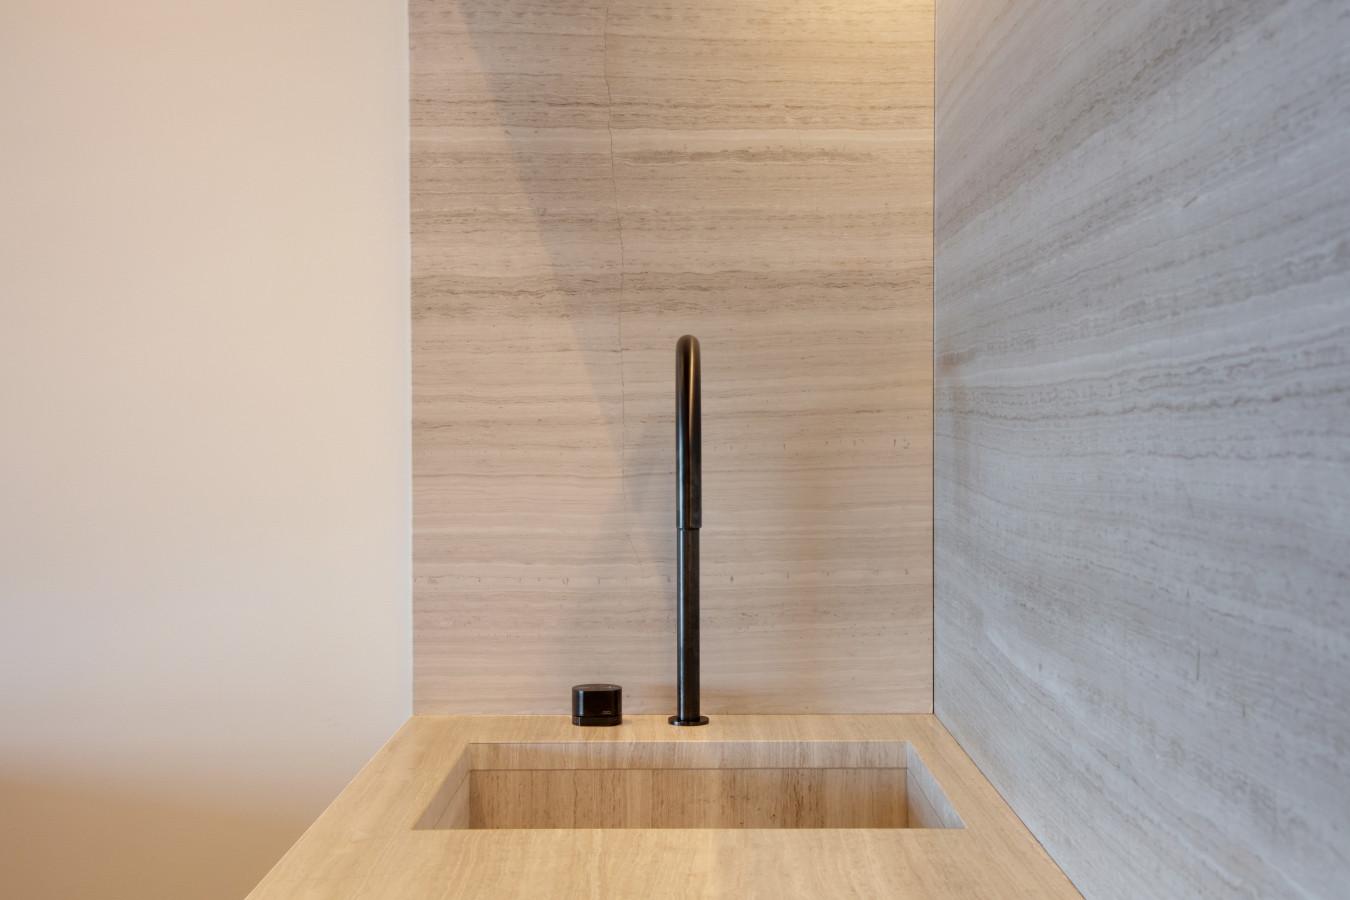 Kitchen tap details